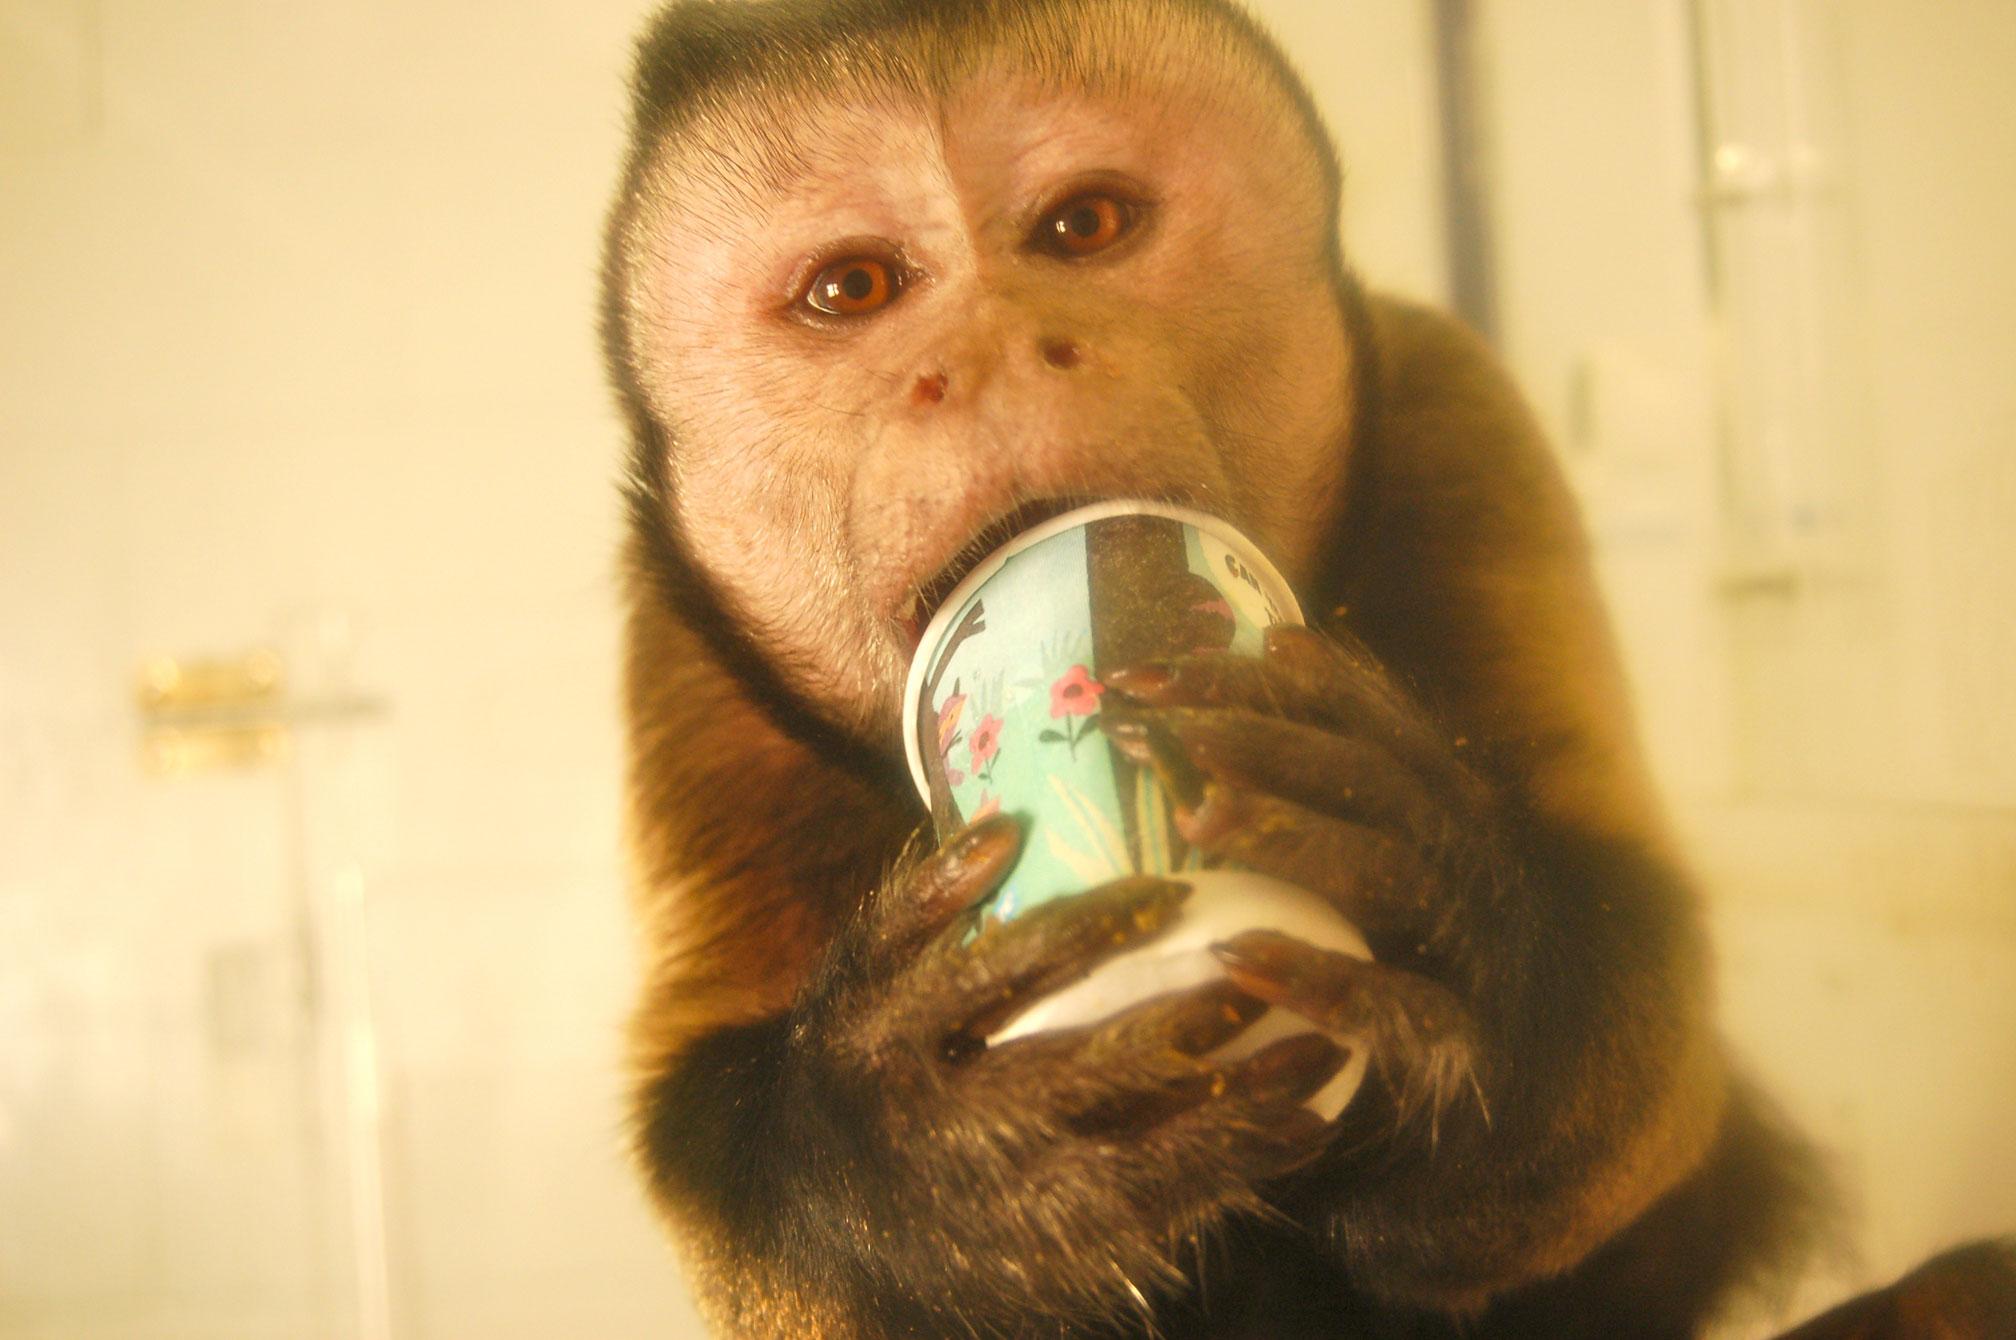 Tufted capuchin monkey